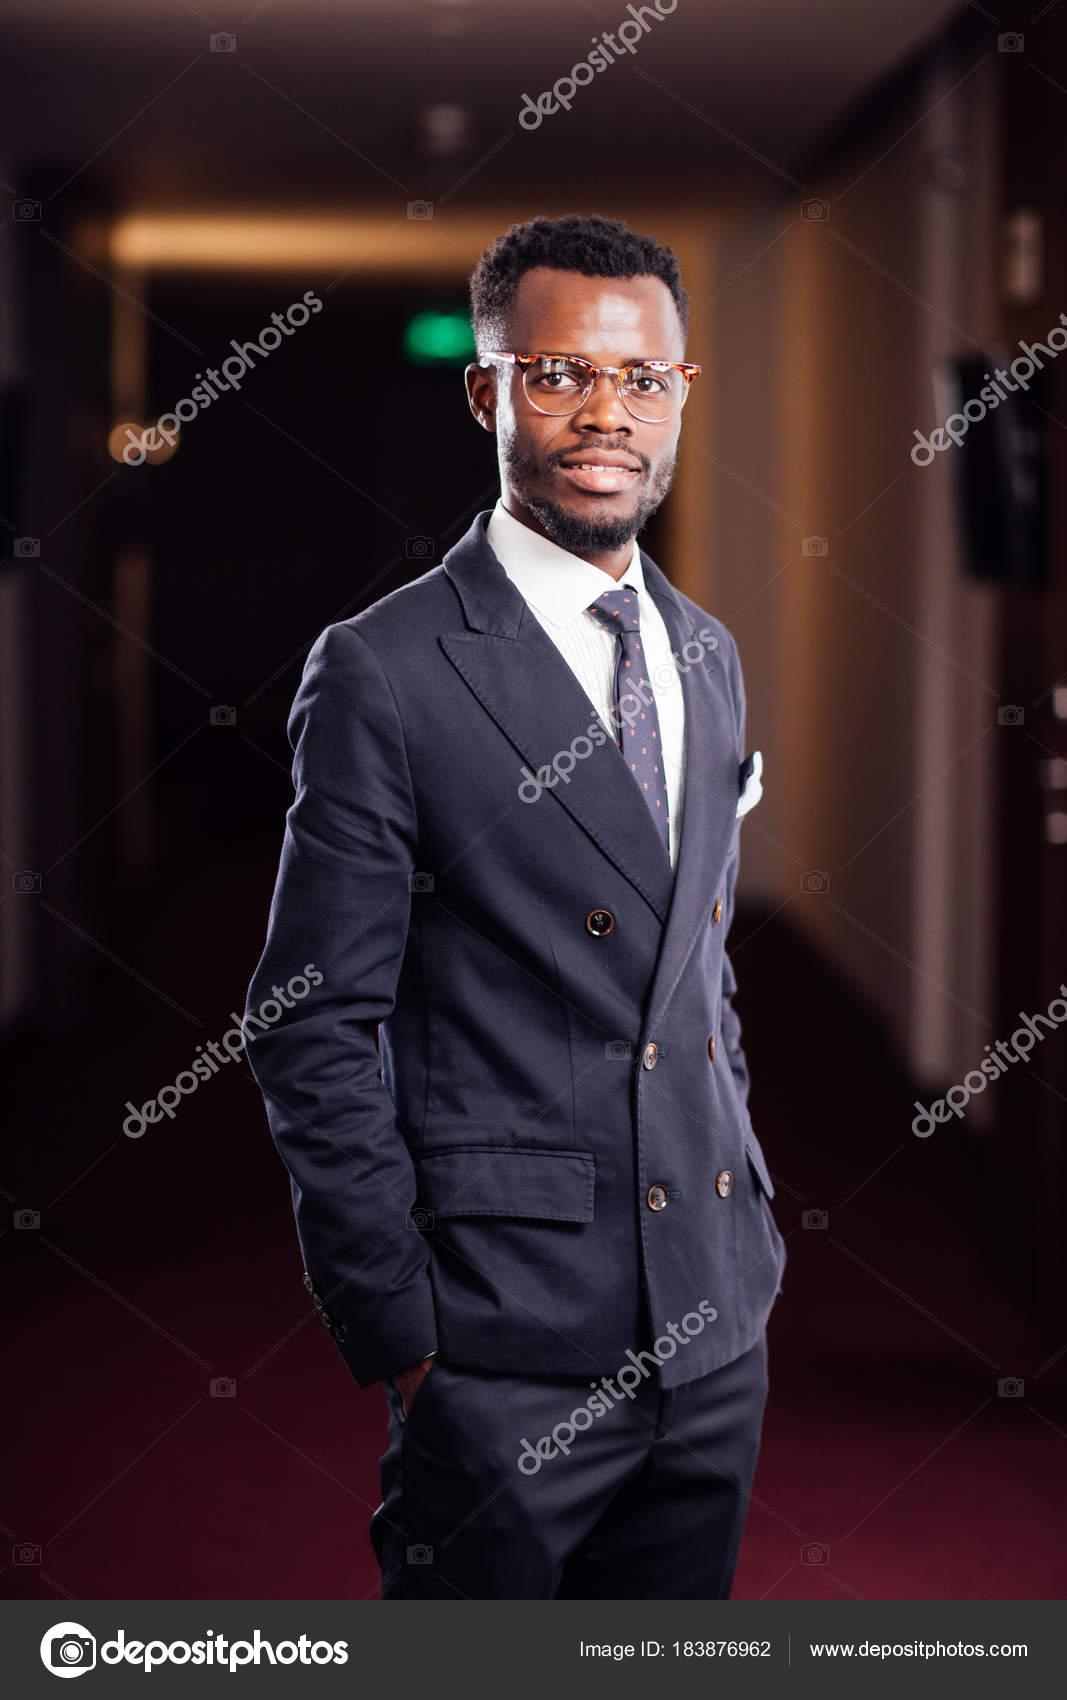 foto di uomo con giacca